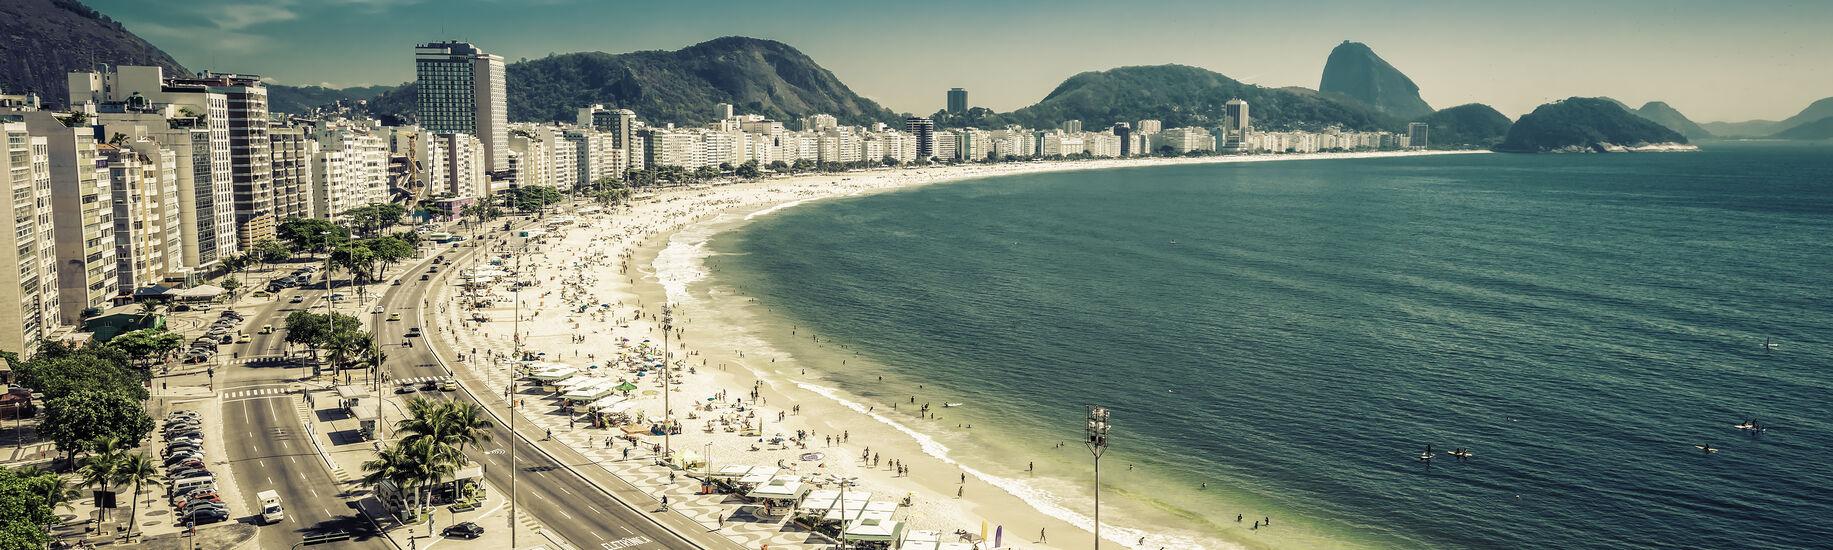 Brazil Beach Hero